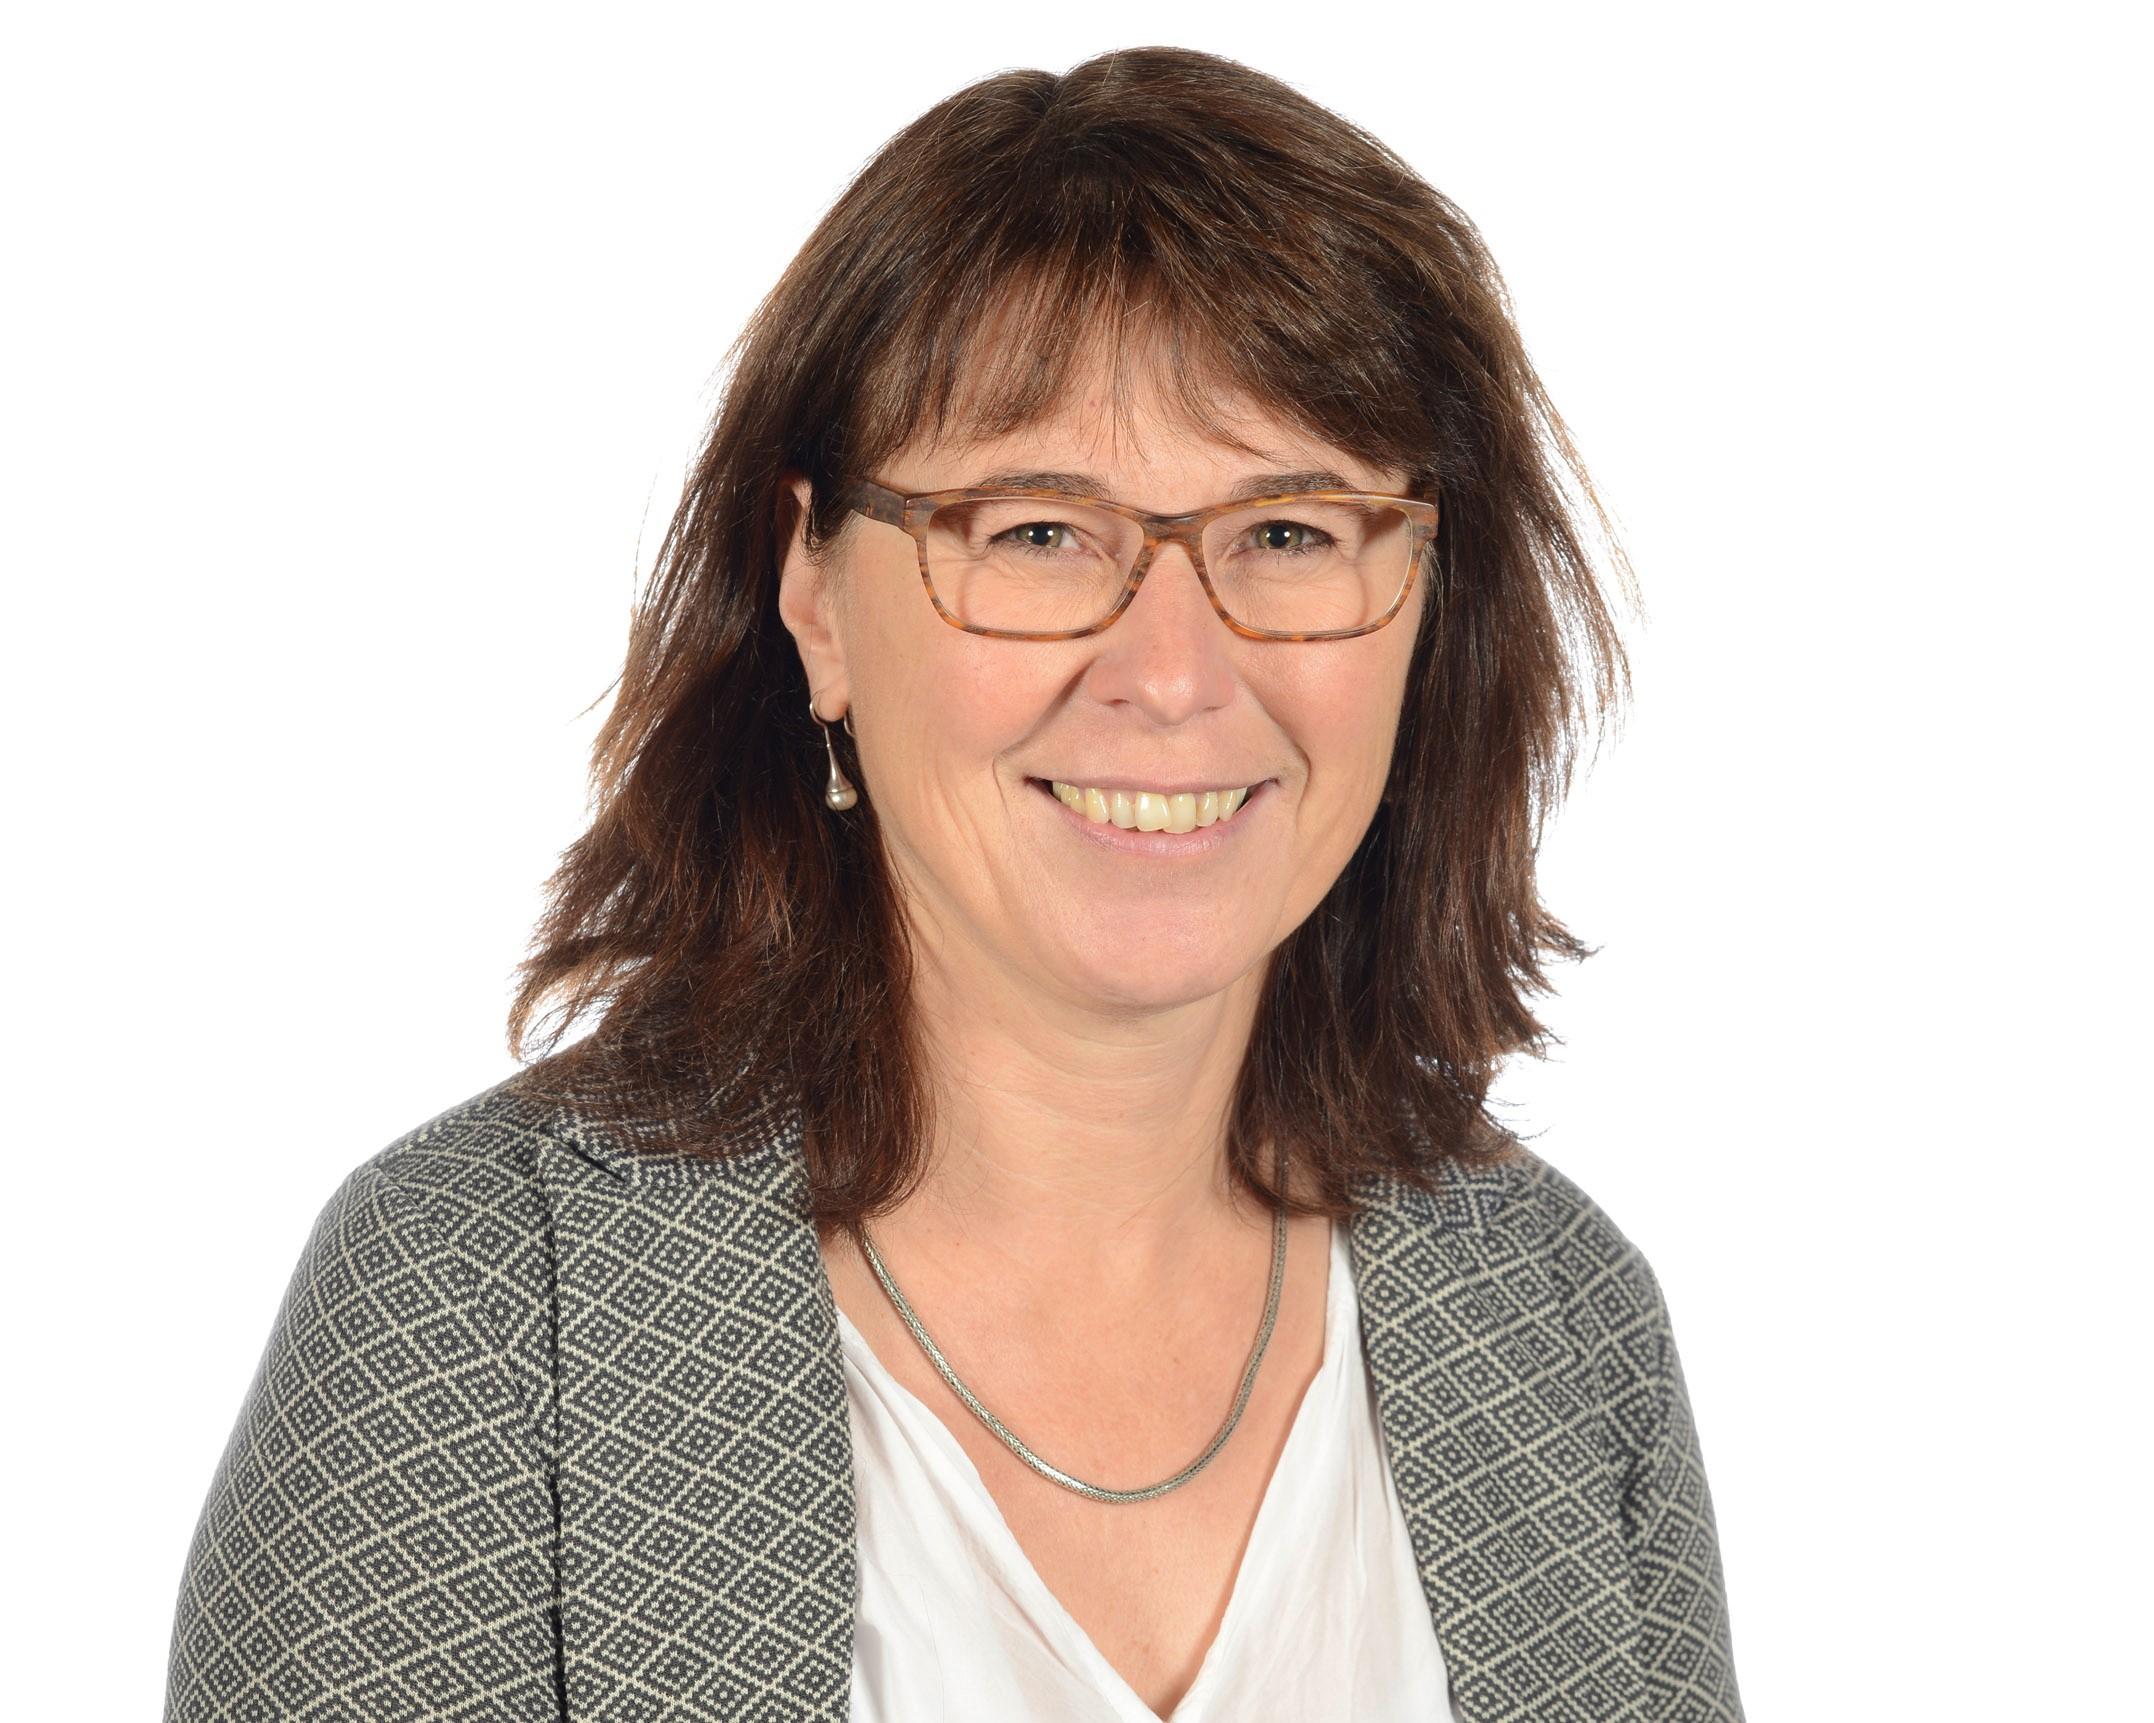 Marianne Brauer